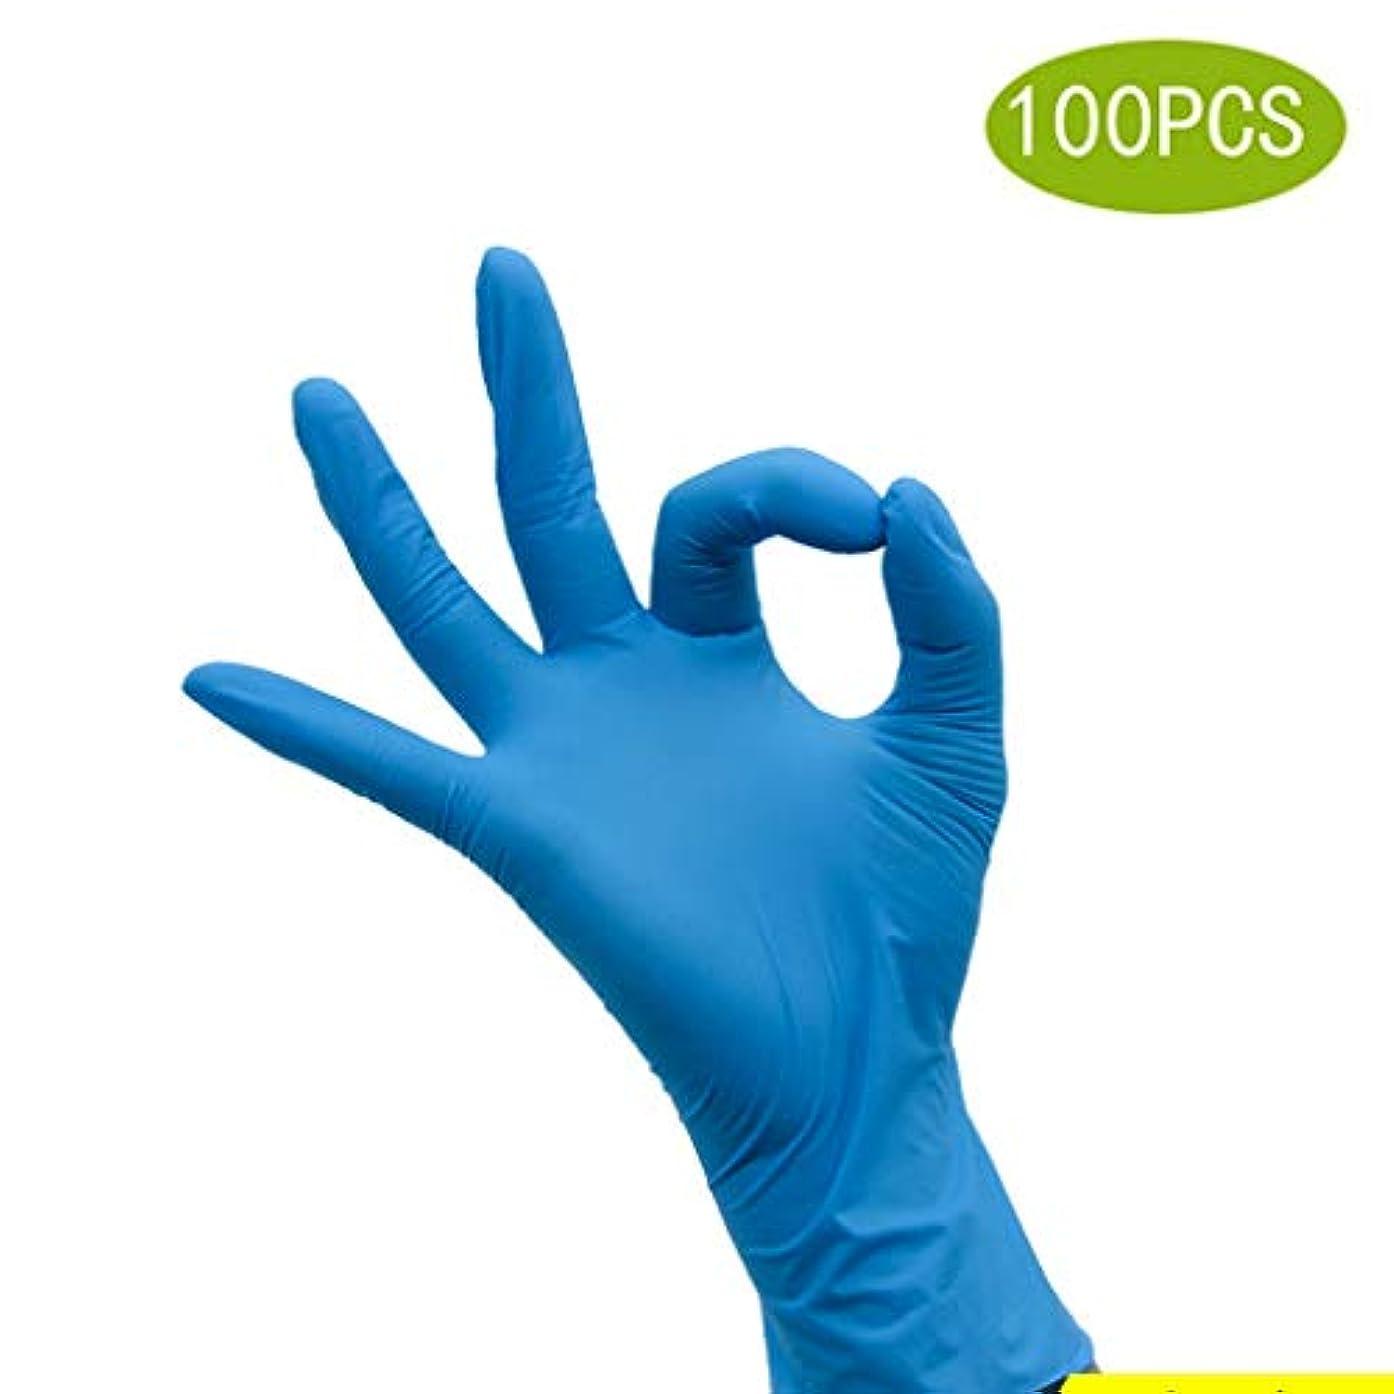 スチュアート島無意識墓地使い捨て手袋食品ケータリング手術丁清ゴムラテックススキンキッチン厚い試験ケータリング美容実験、使い捨て手袋ディスペンサー[100個] (Color : Blue, Size : L)